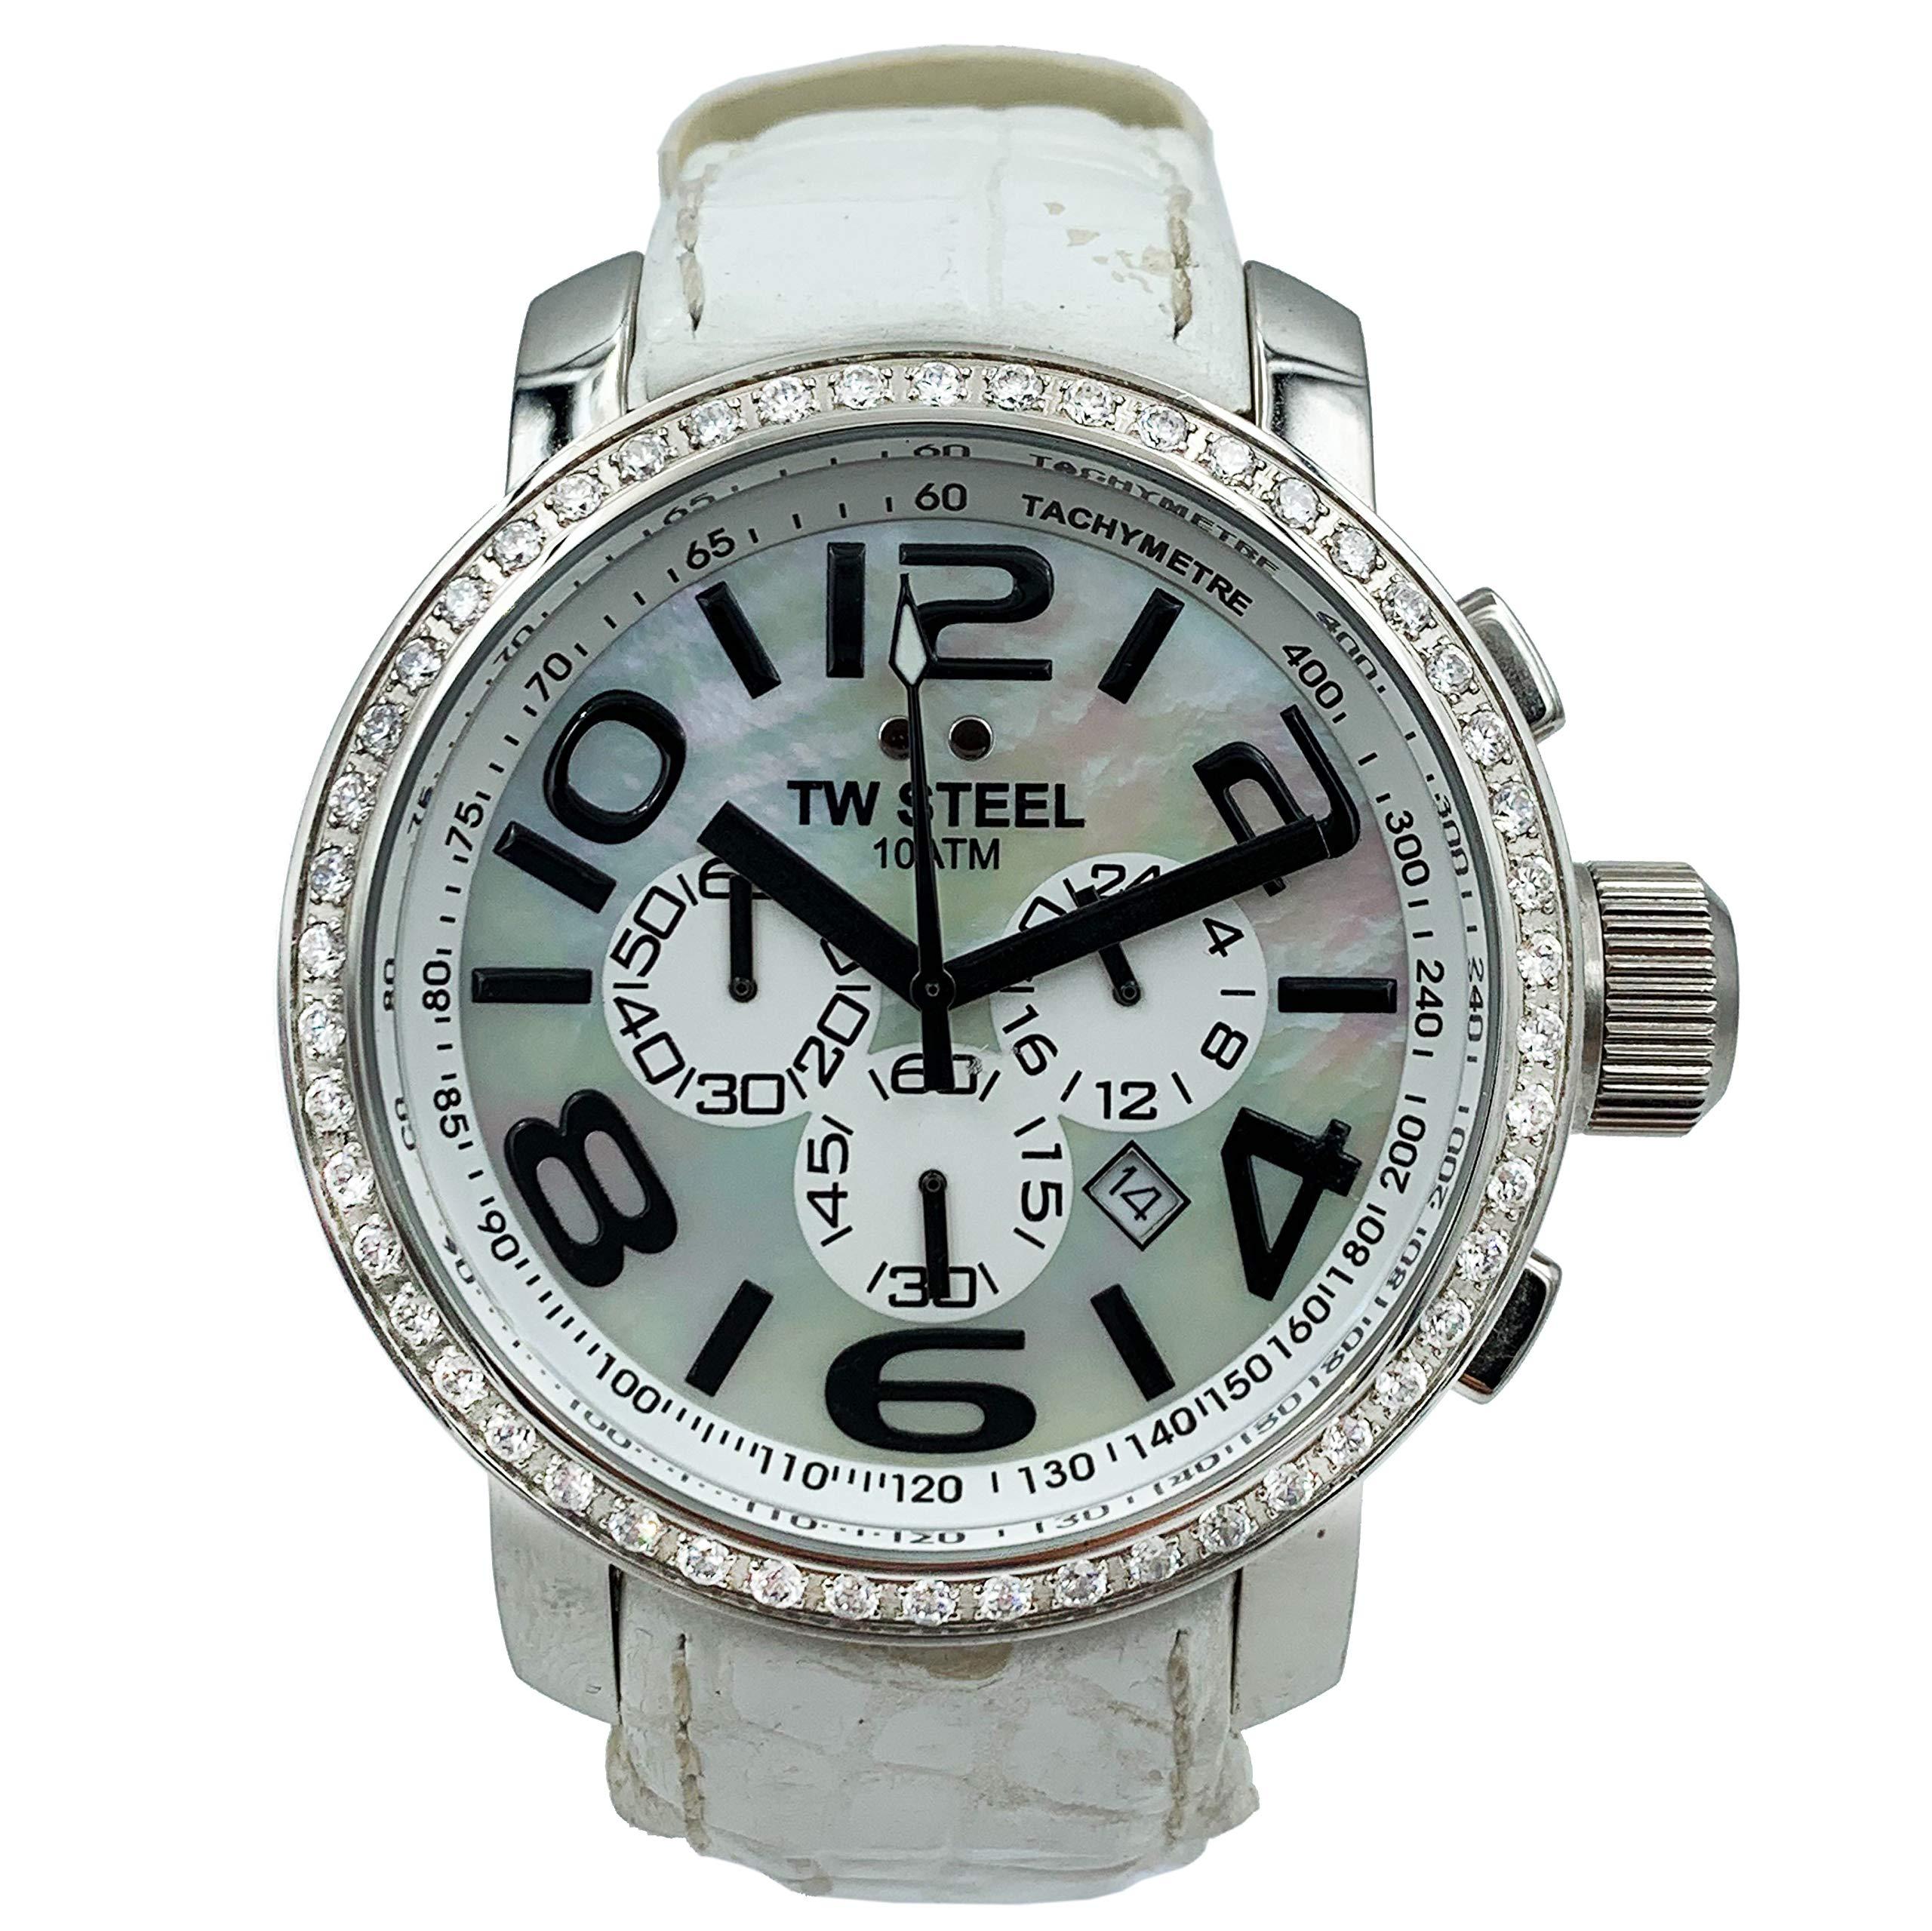 TW Steel Grandeur Quartz Male Watch TW54 (Certified Pre-Owned)